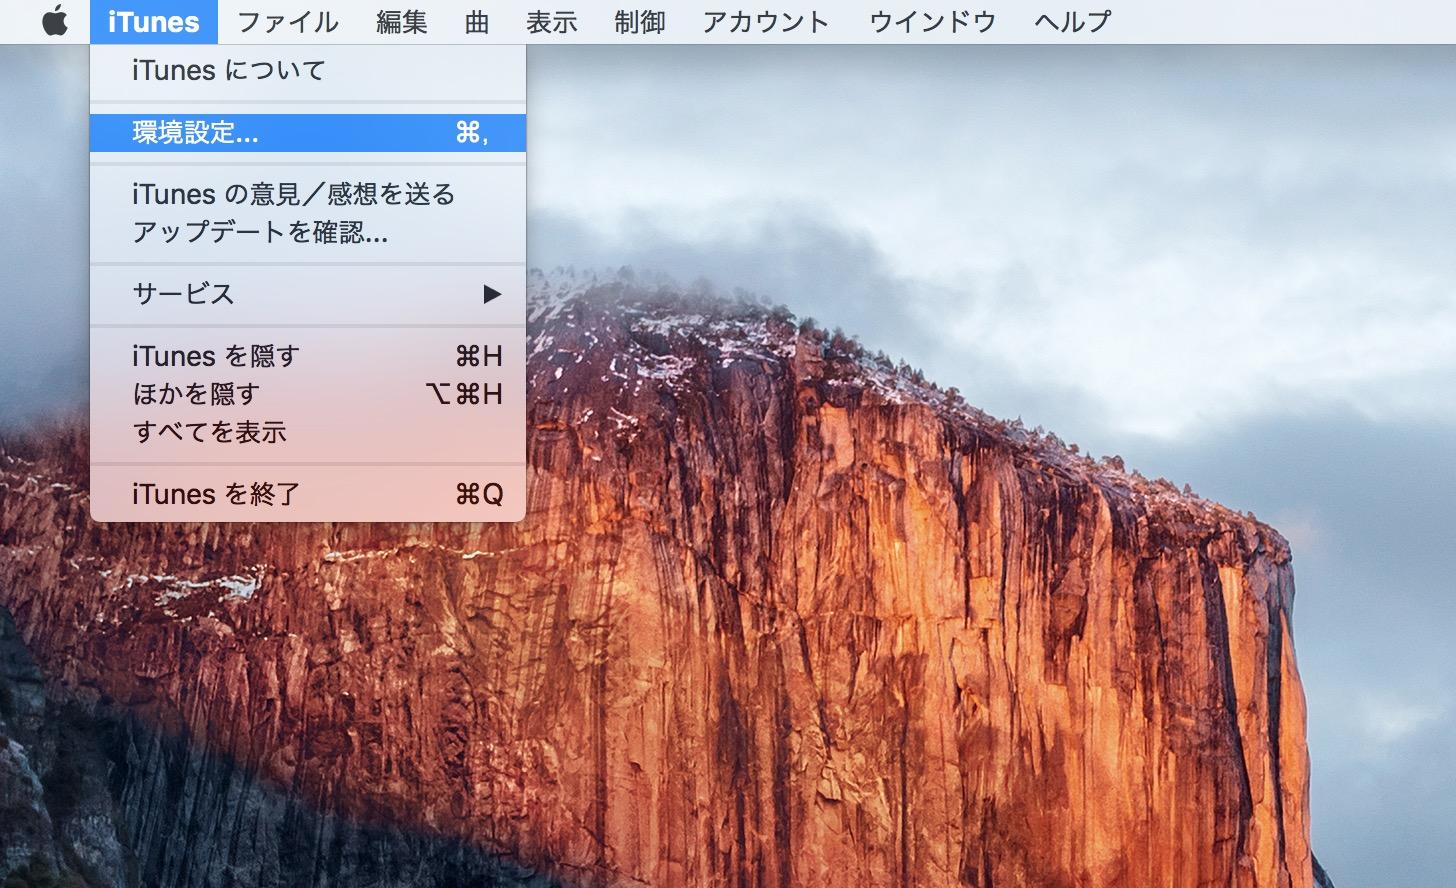 iTunesの環境設定をクリック